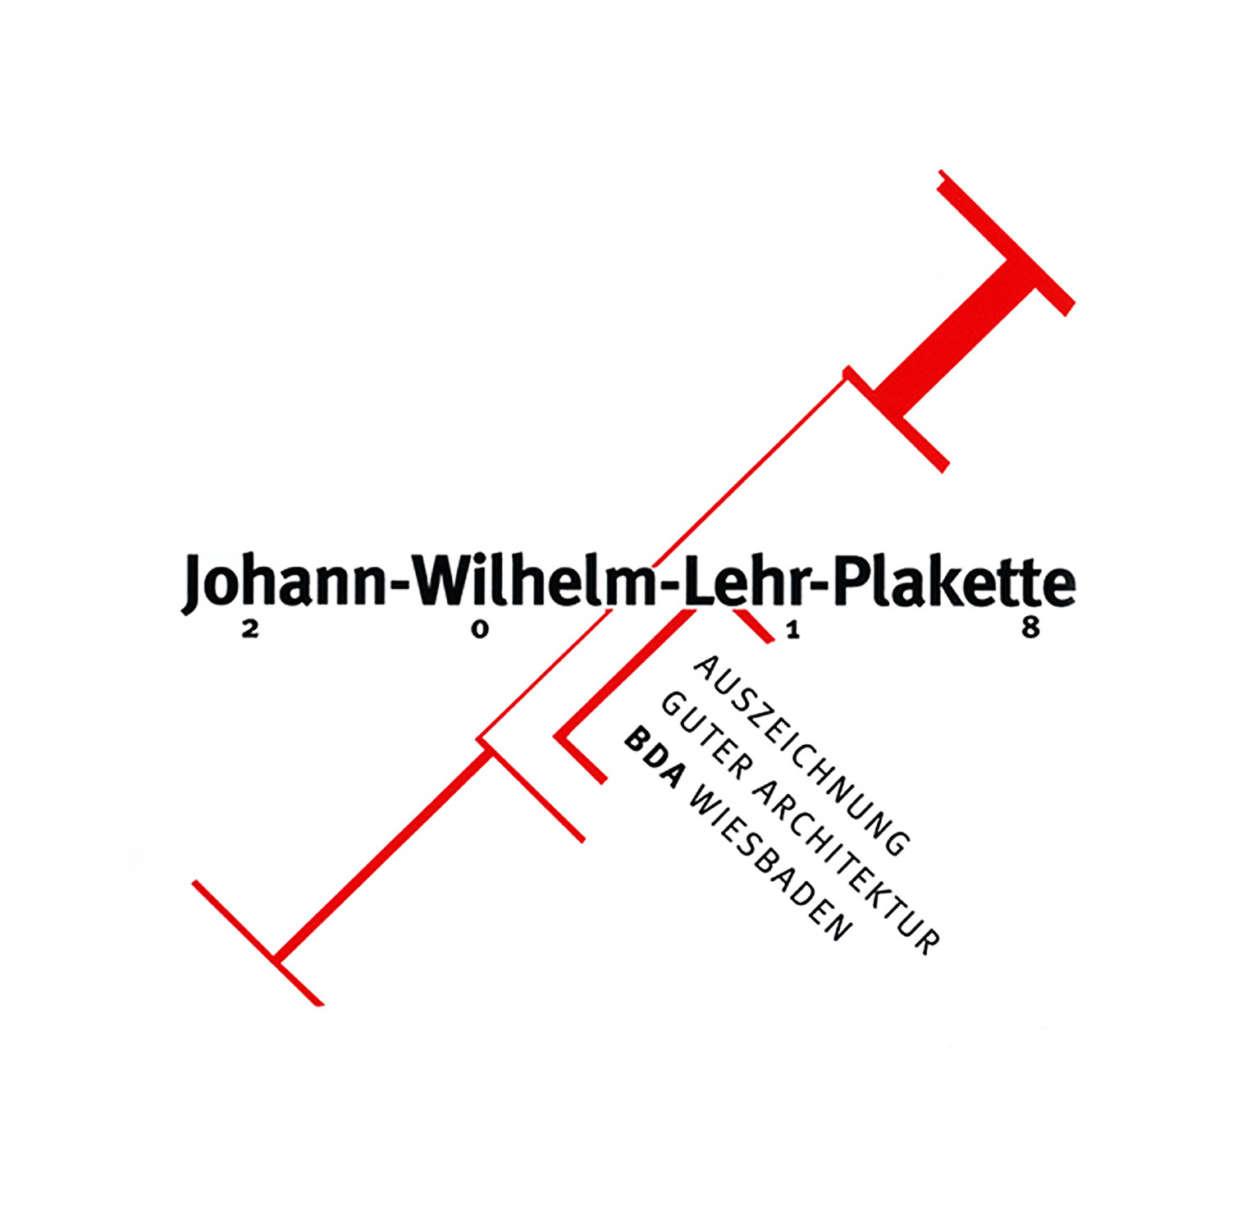 Wilhelm Lehr Plakette 2018 01